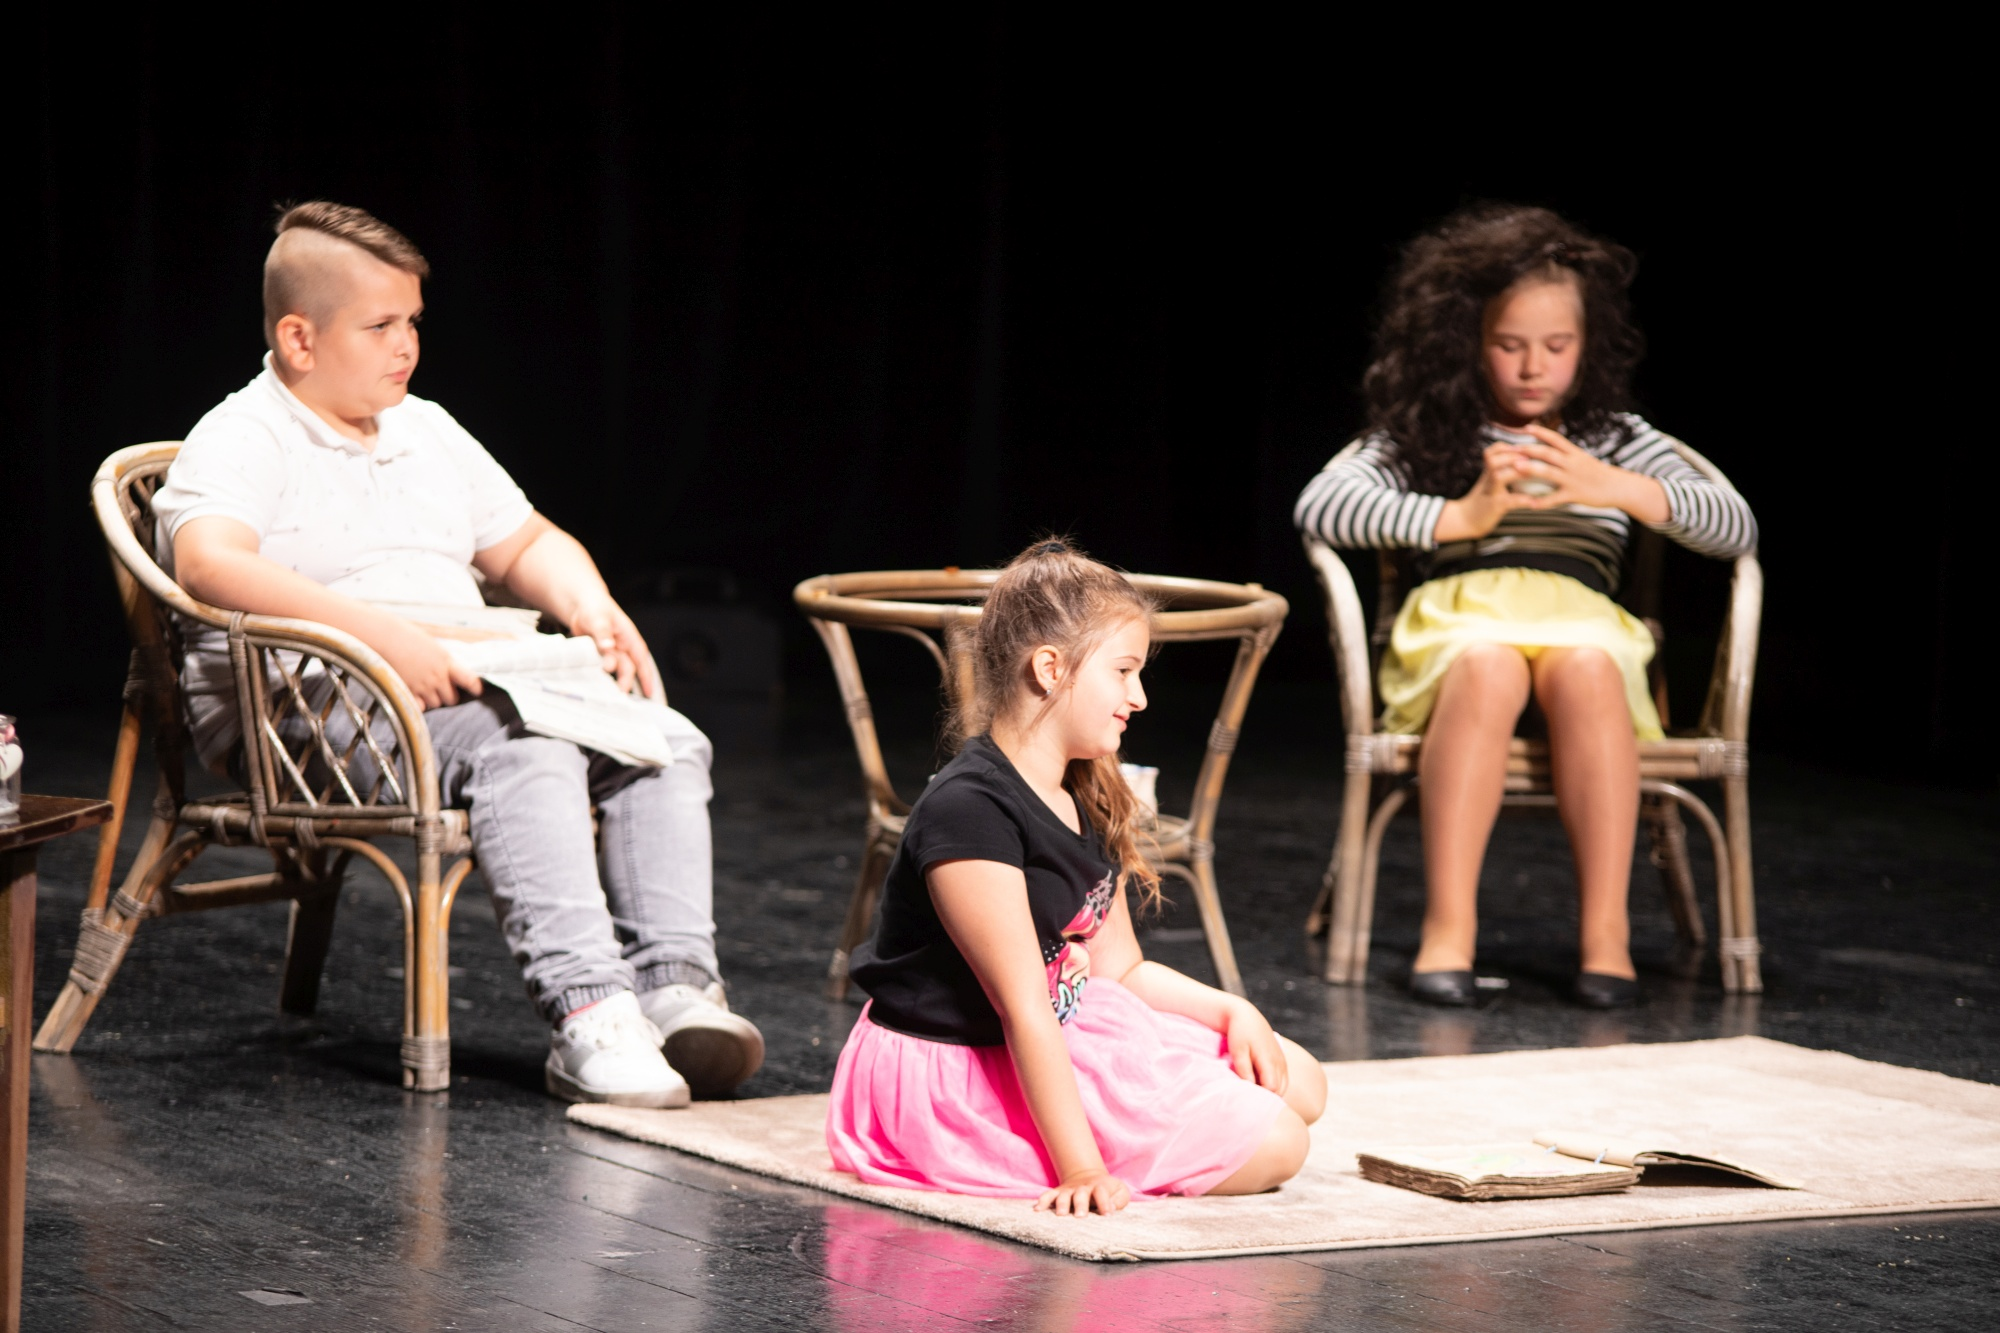 Aktorskie sukcesy uczniów Szkoły Podstawowej Nr 2 w Męcinie - zdjęcie główne